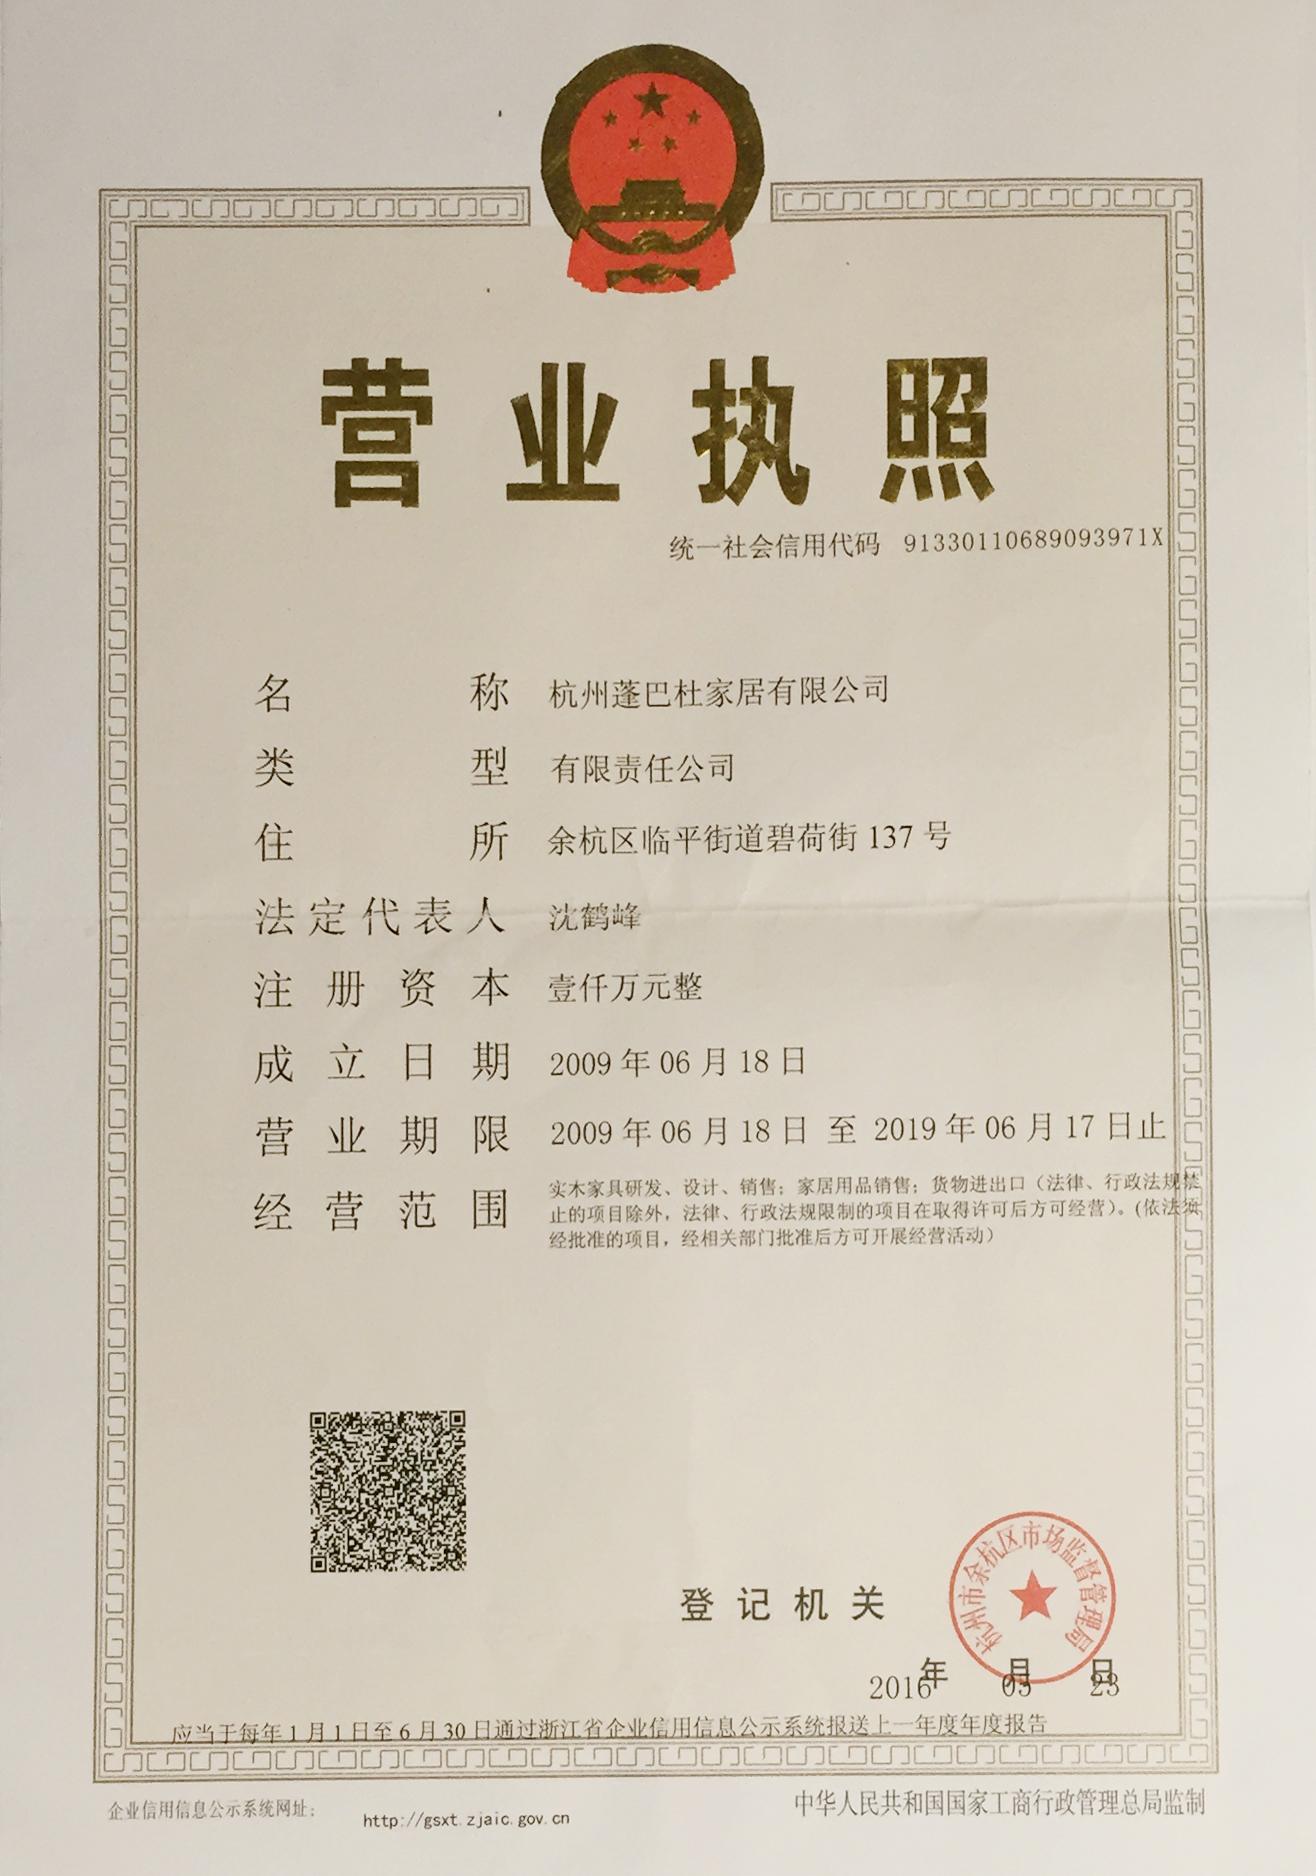 蓬巴杜-企业营业执照(注册资本:1000万元)